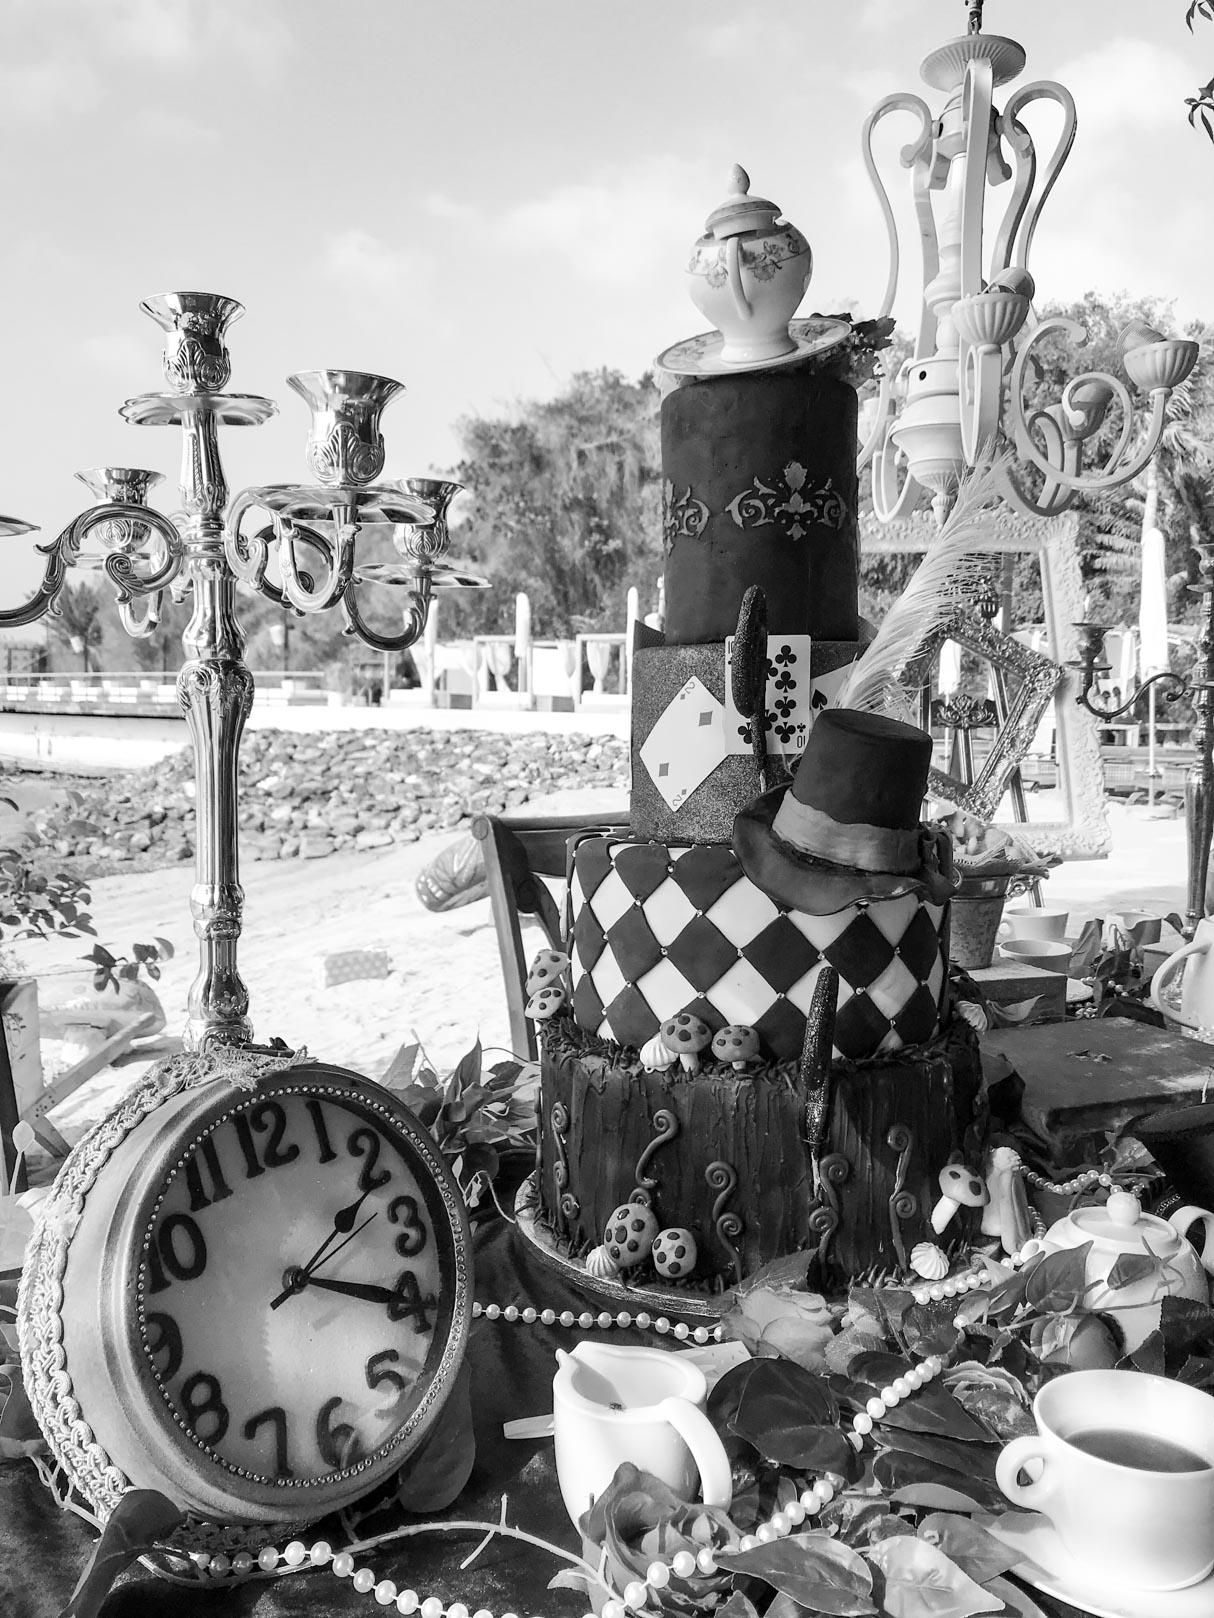 Alice in wonderland - Blue Marline Ibiza Behind the scene00001